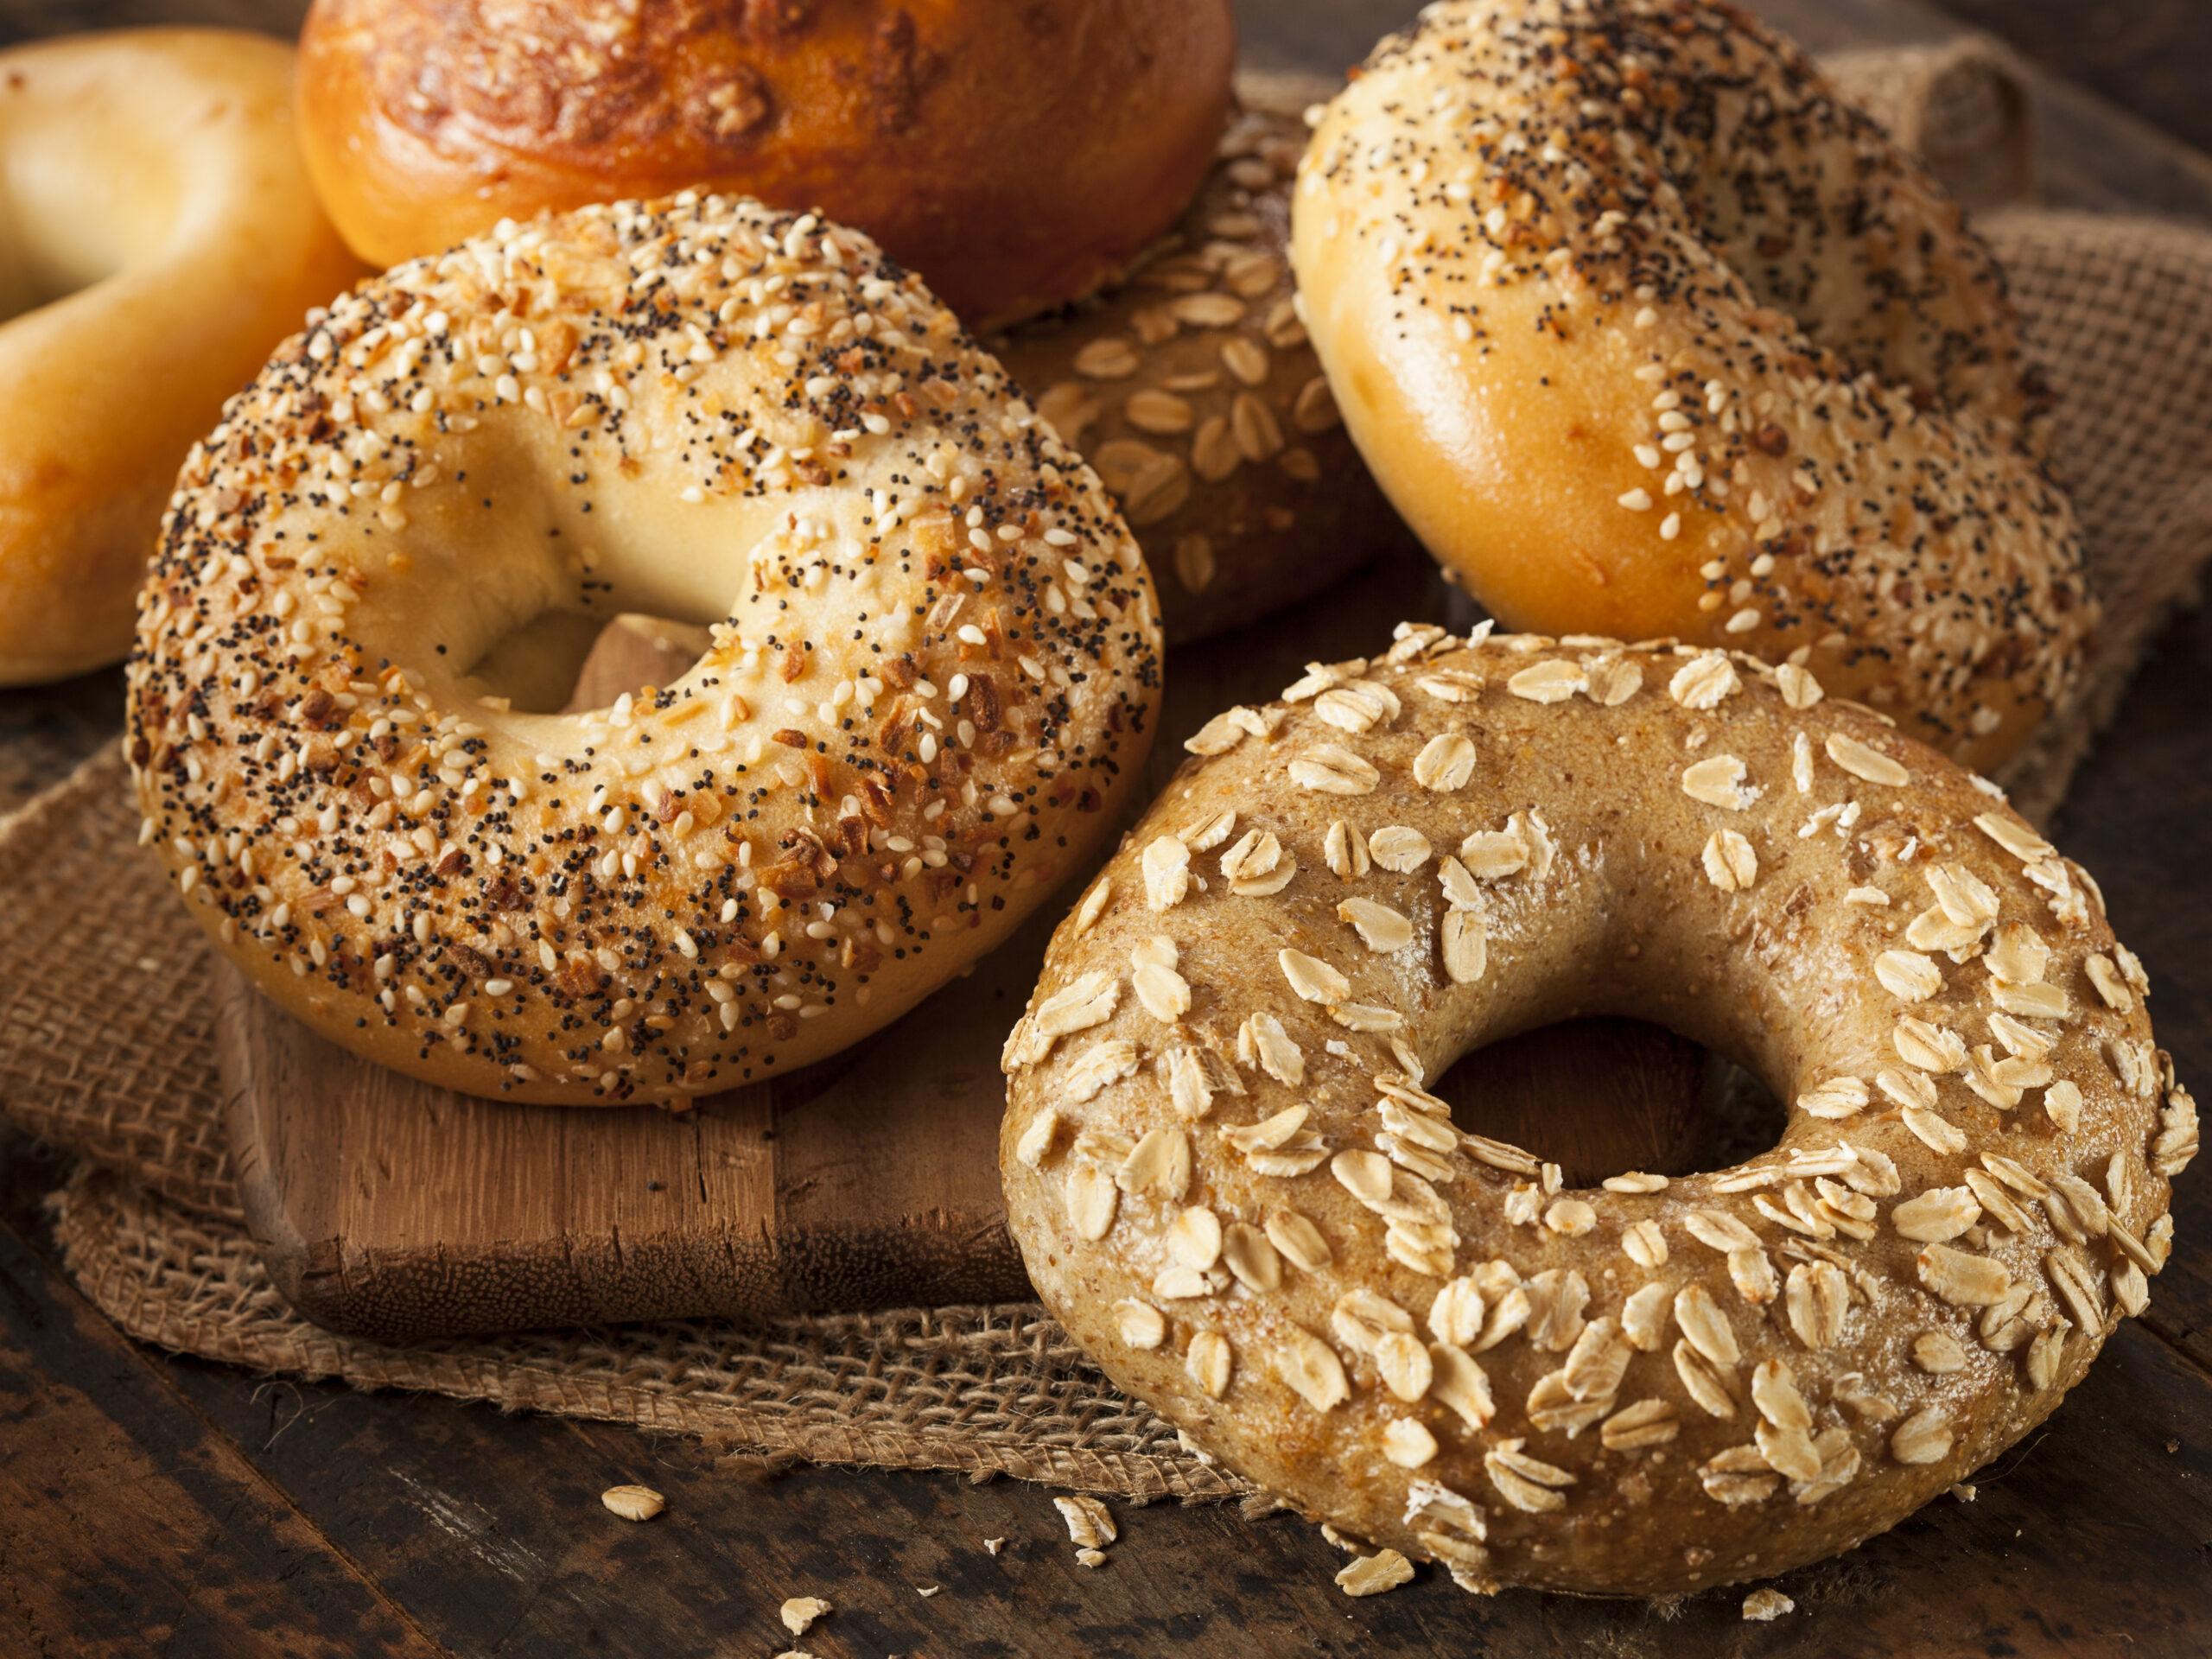 Healthy Organic Whole Grain Bagel for Breakfast